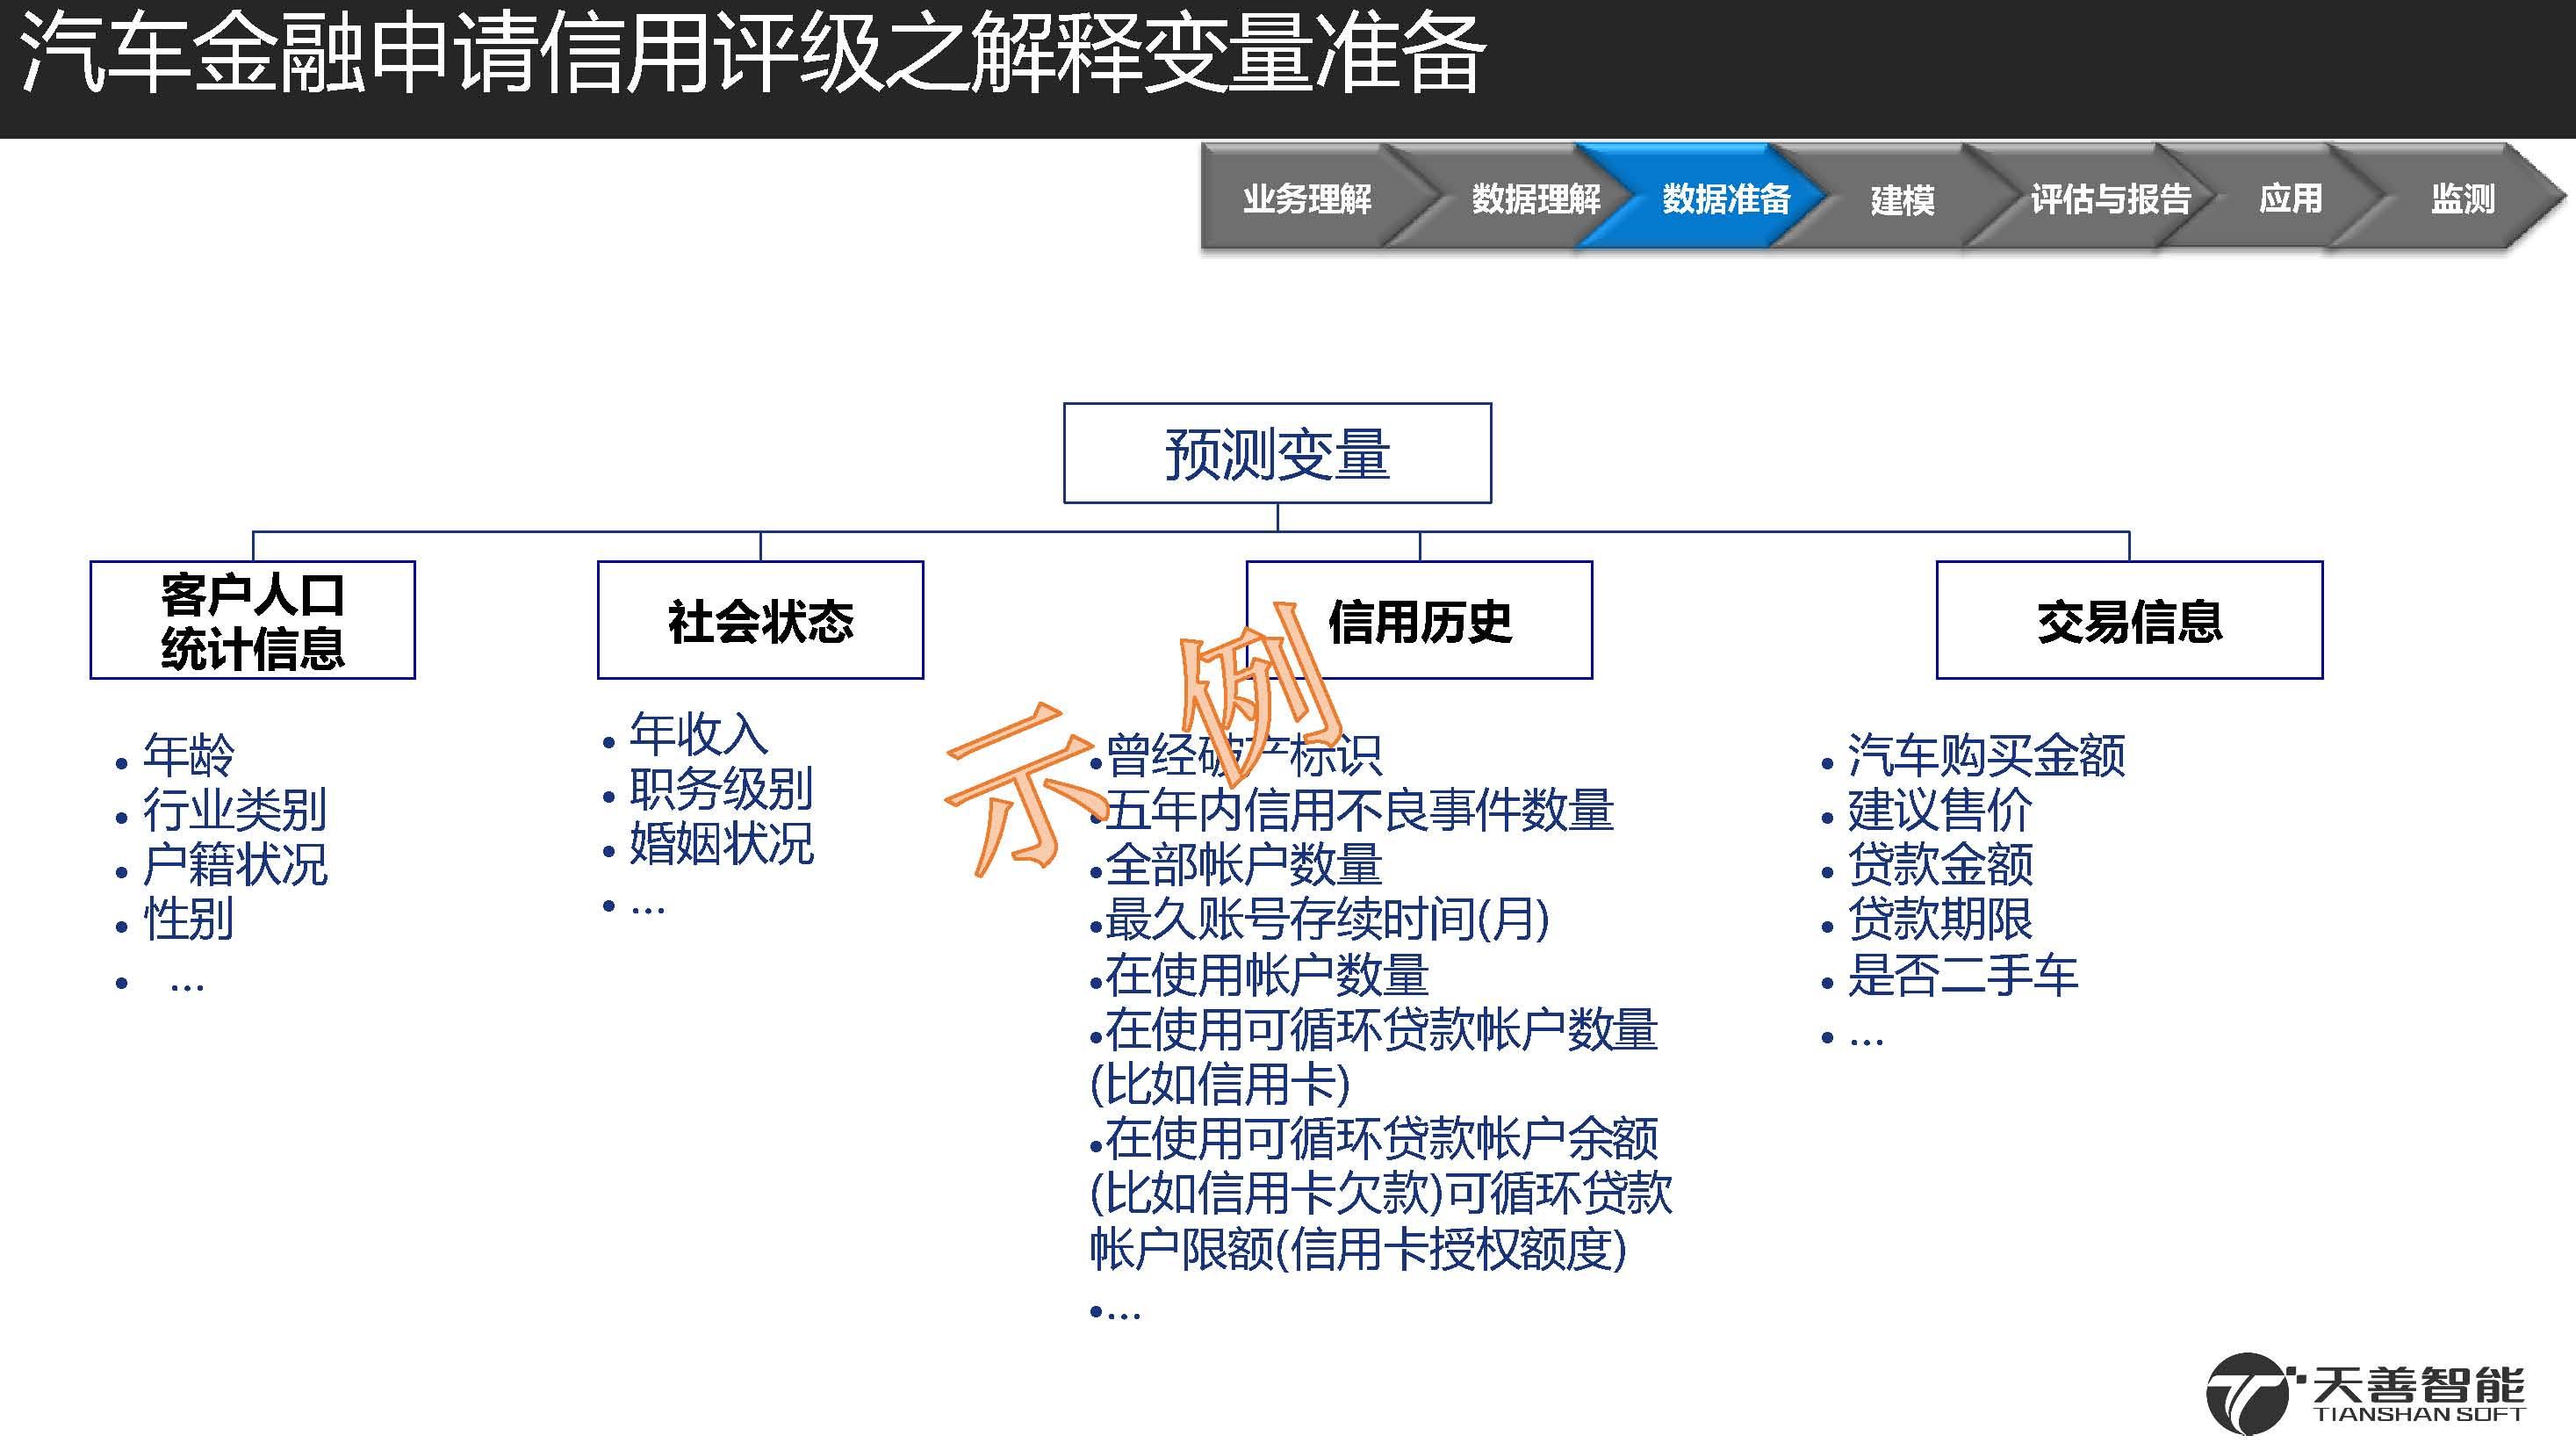 2汽车金融信用违约预测模型案例_页面_10.jpg